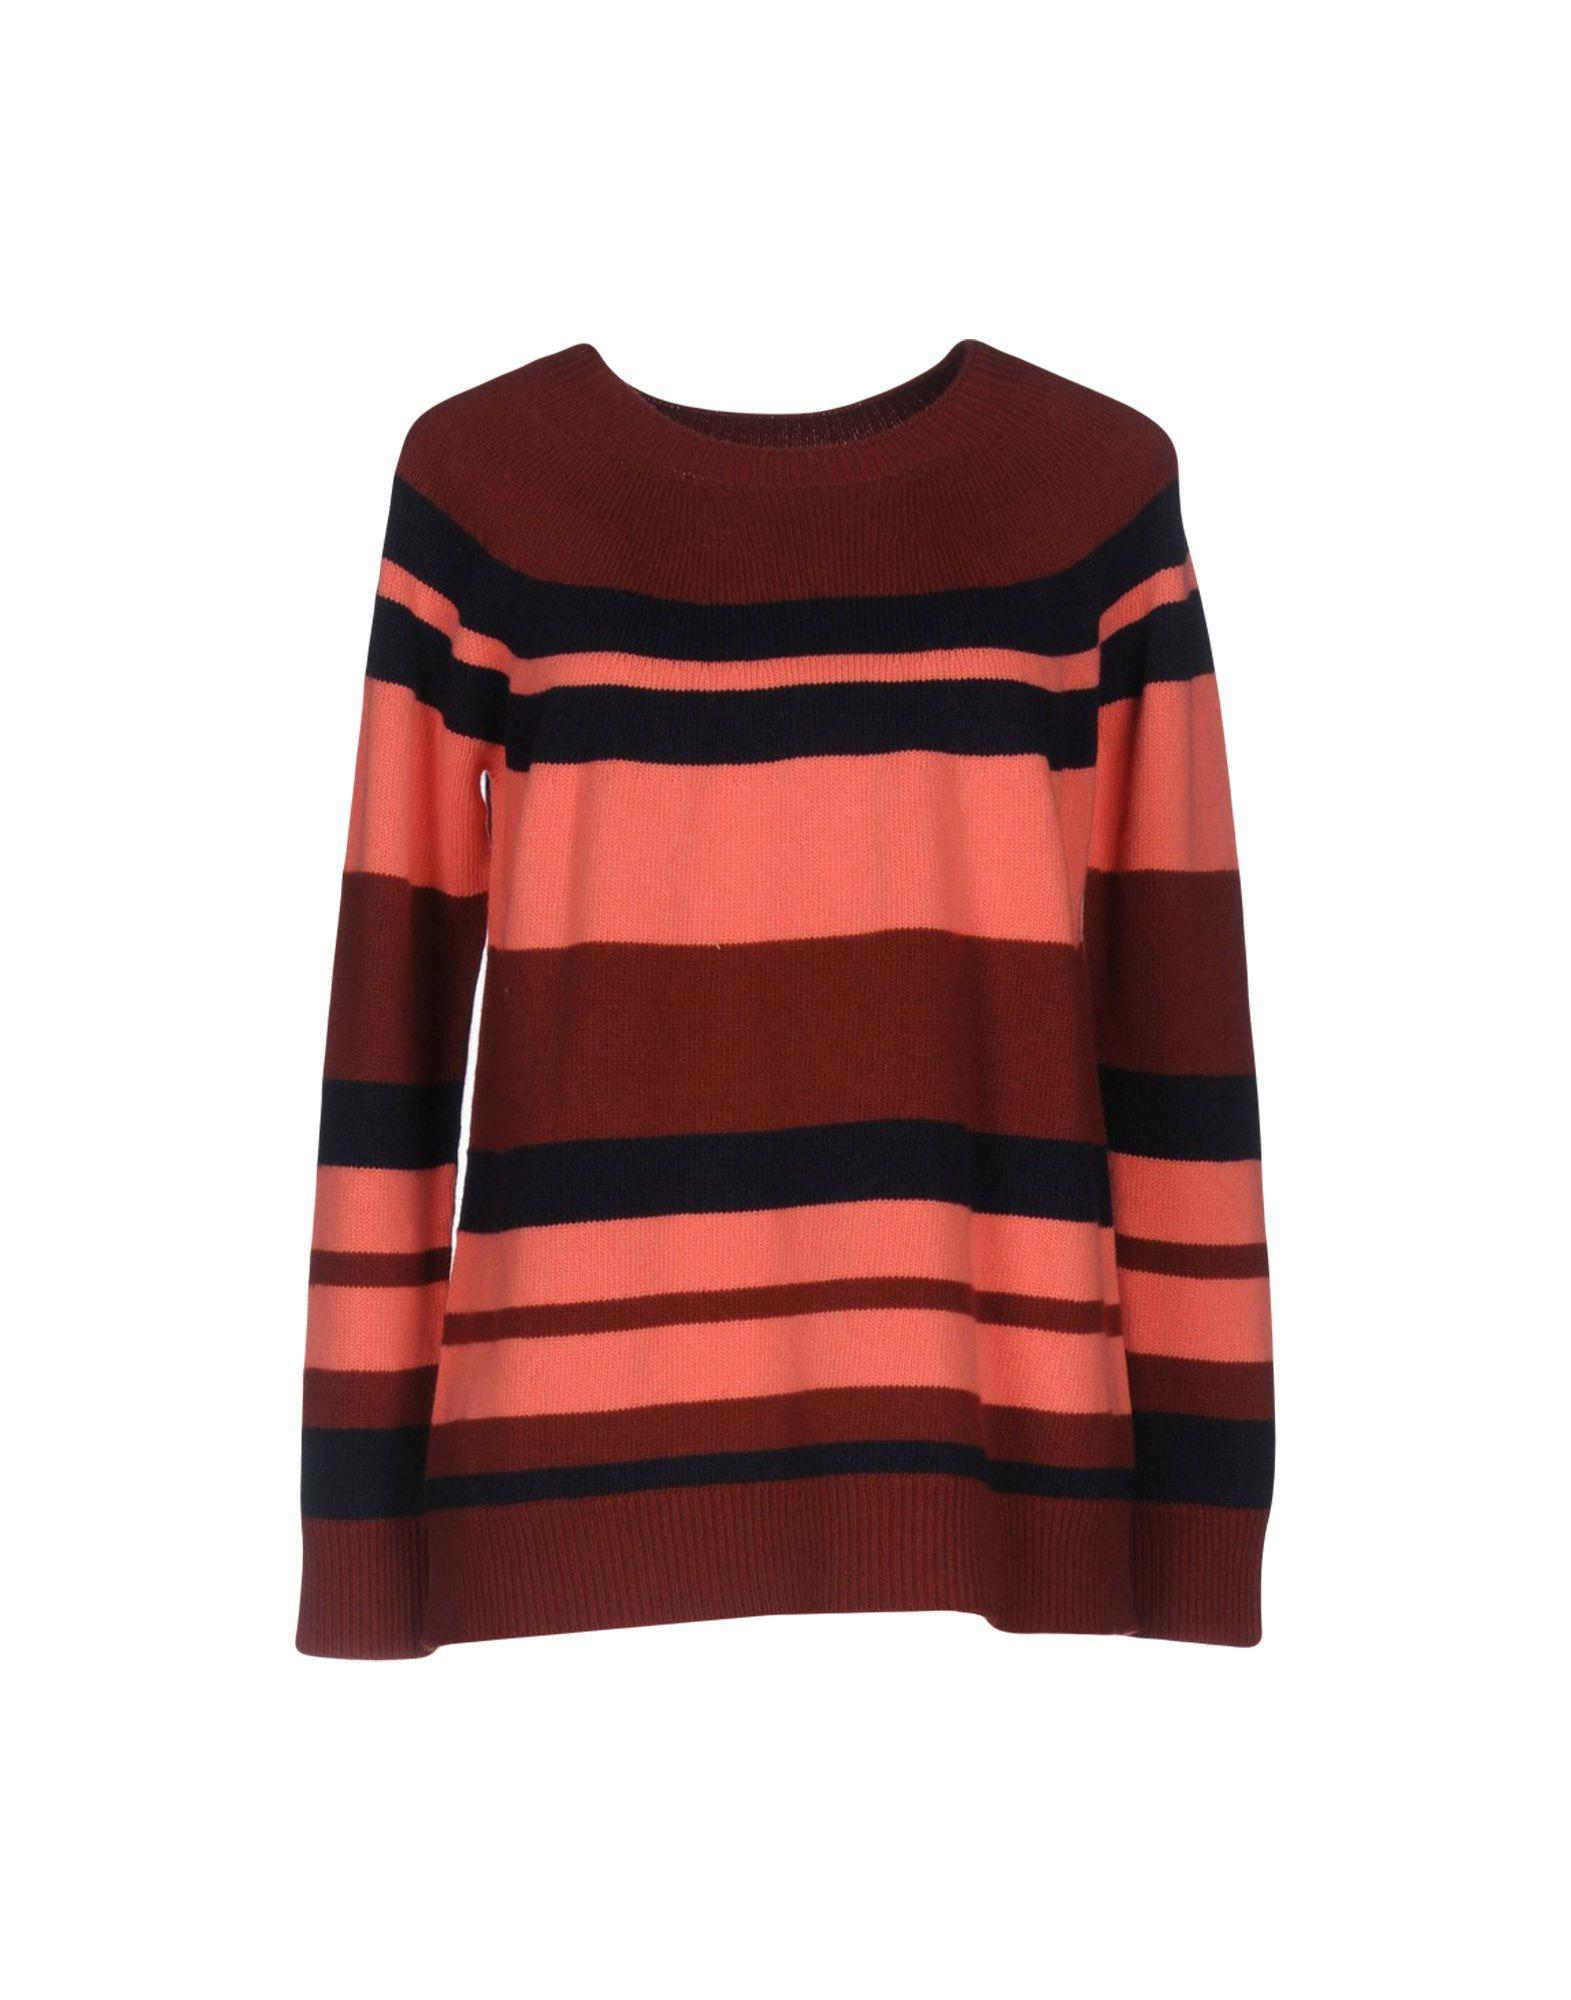 JUCCA Damen Pullover Farbe Koralle Größe 6 - broschei